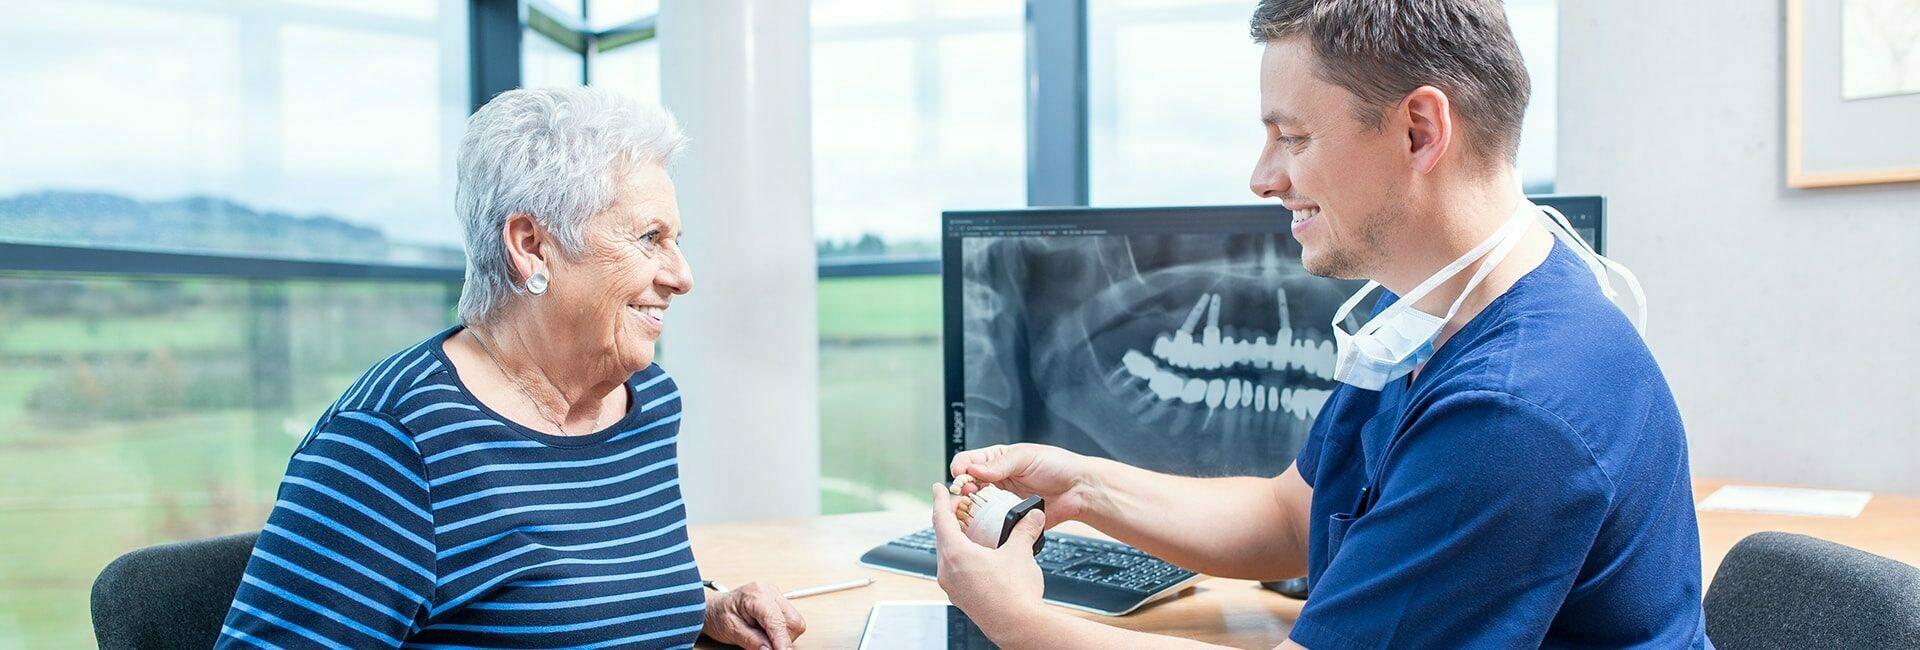 Zahnarzt erklärt Patientin die Implantationssysteme bei Zahnimplantaten